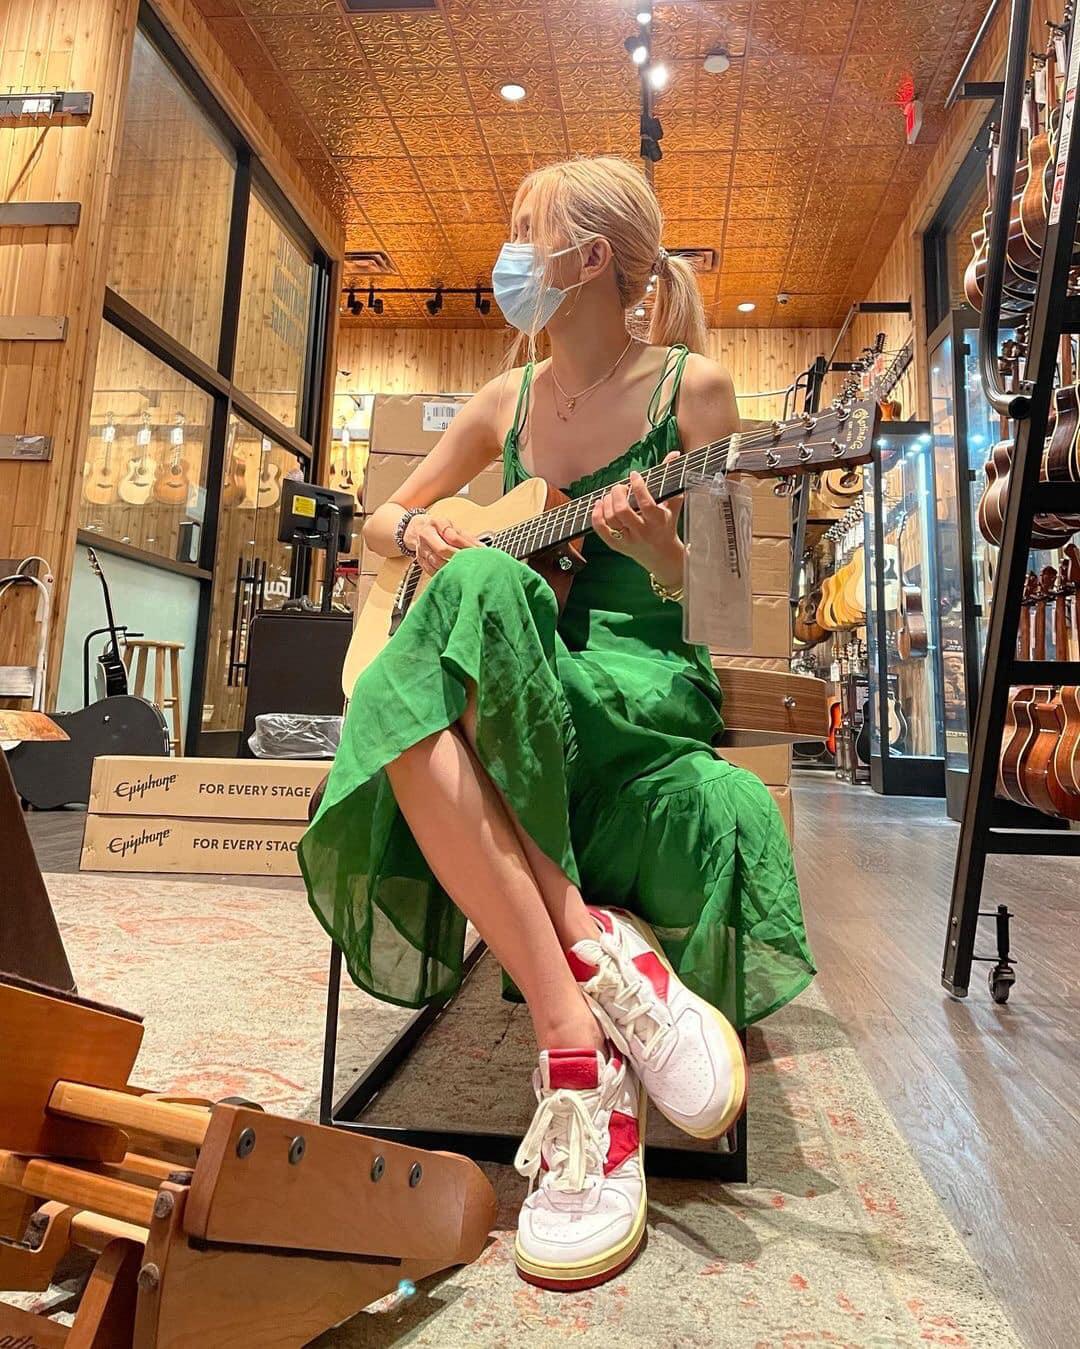 Rosé diện váy maxi dài thượt mà không bị dìm dáng, hóa ra stylist đã chơi chiêu quá khéo 'đánh đố' netizen - Ảnh 6